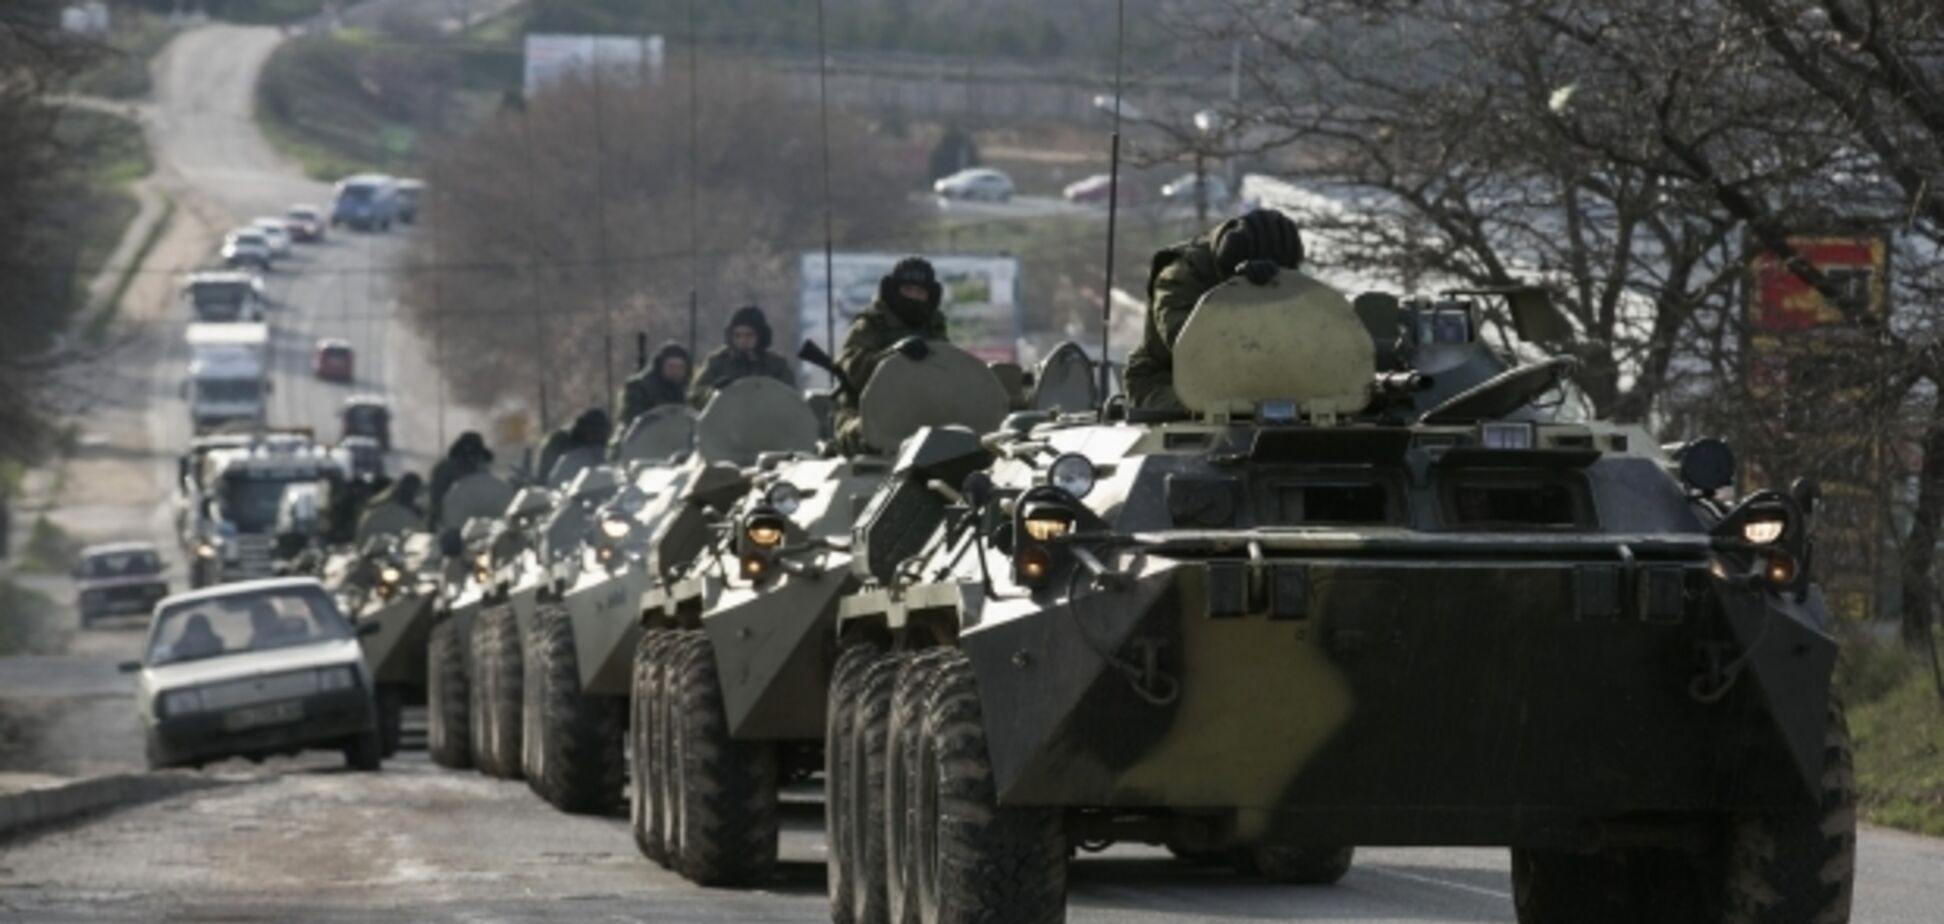 РФ ввела в Україну колону військової техніки